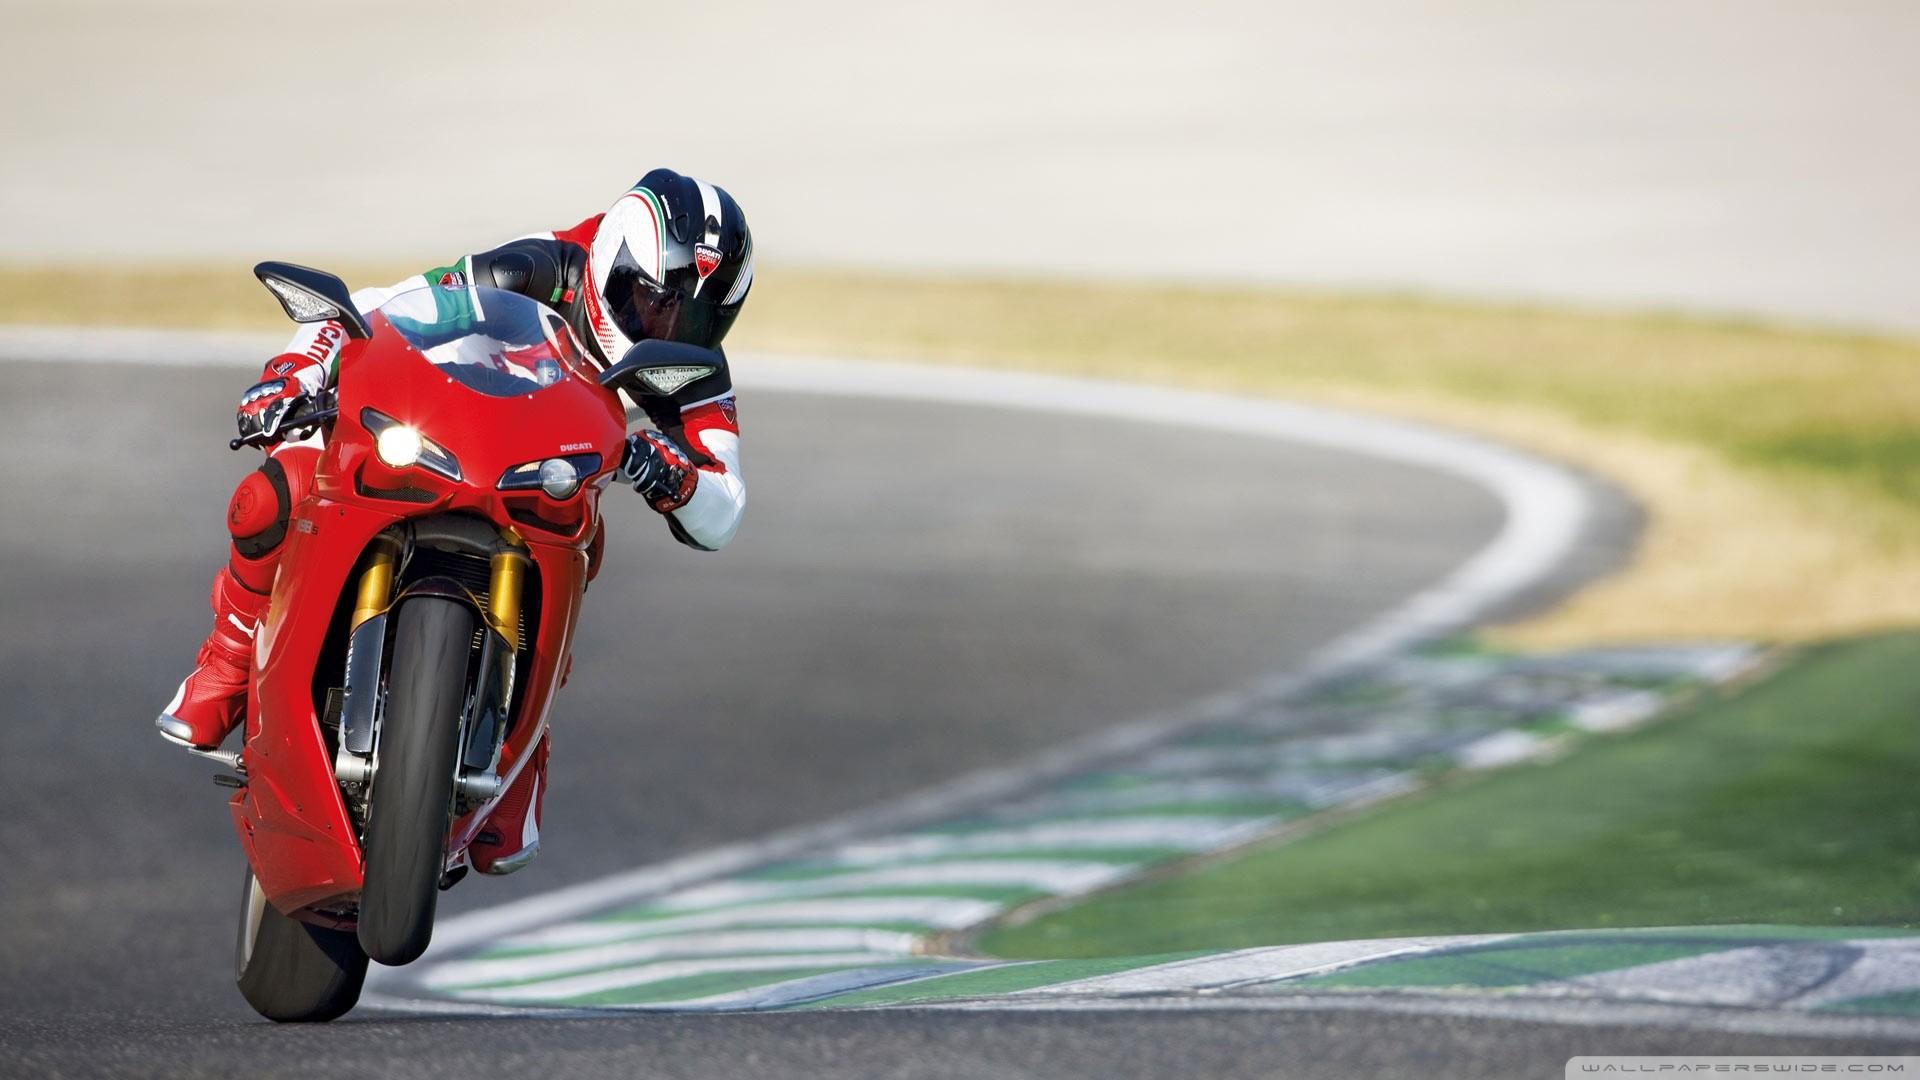 hinh nen sieu xe moto 33